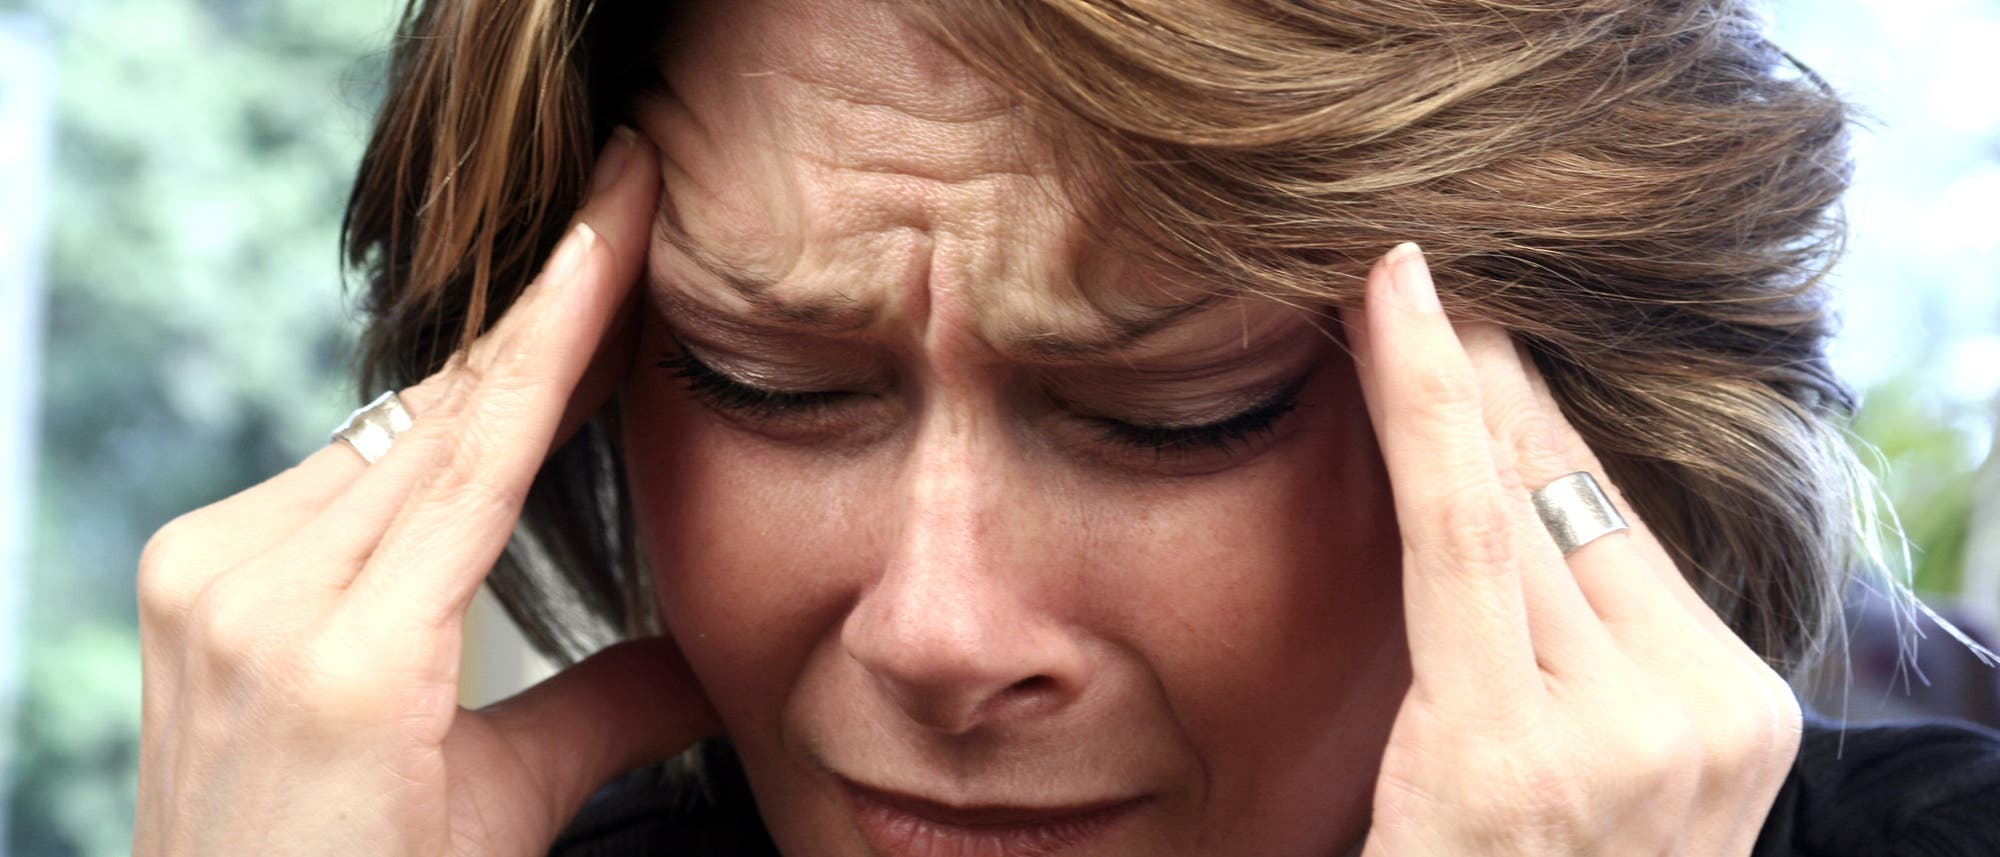 Frauen spüren Schmerzen stärker als Männer